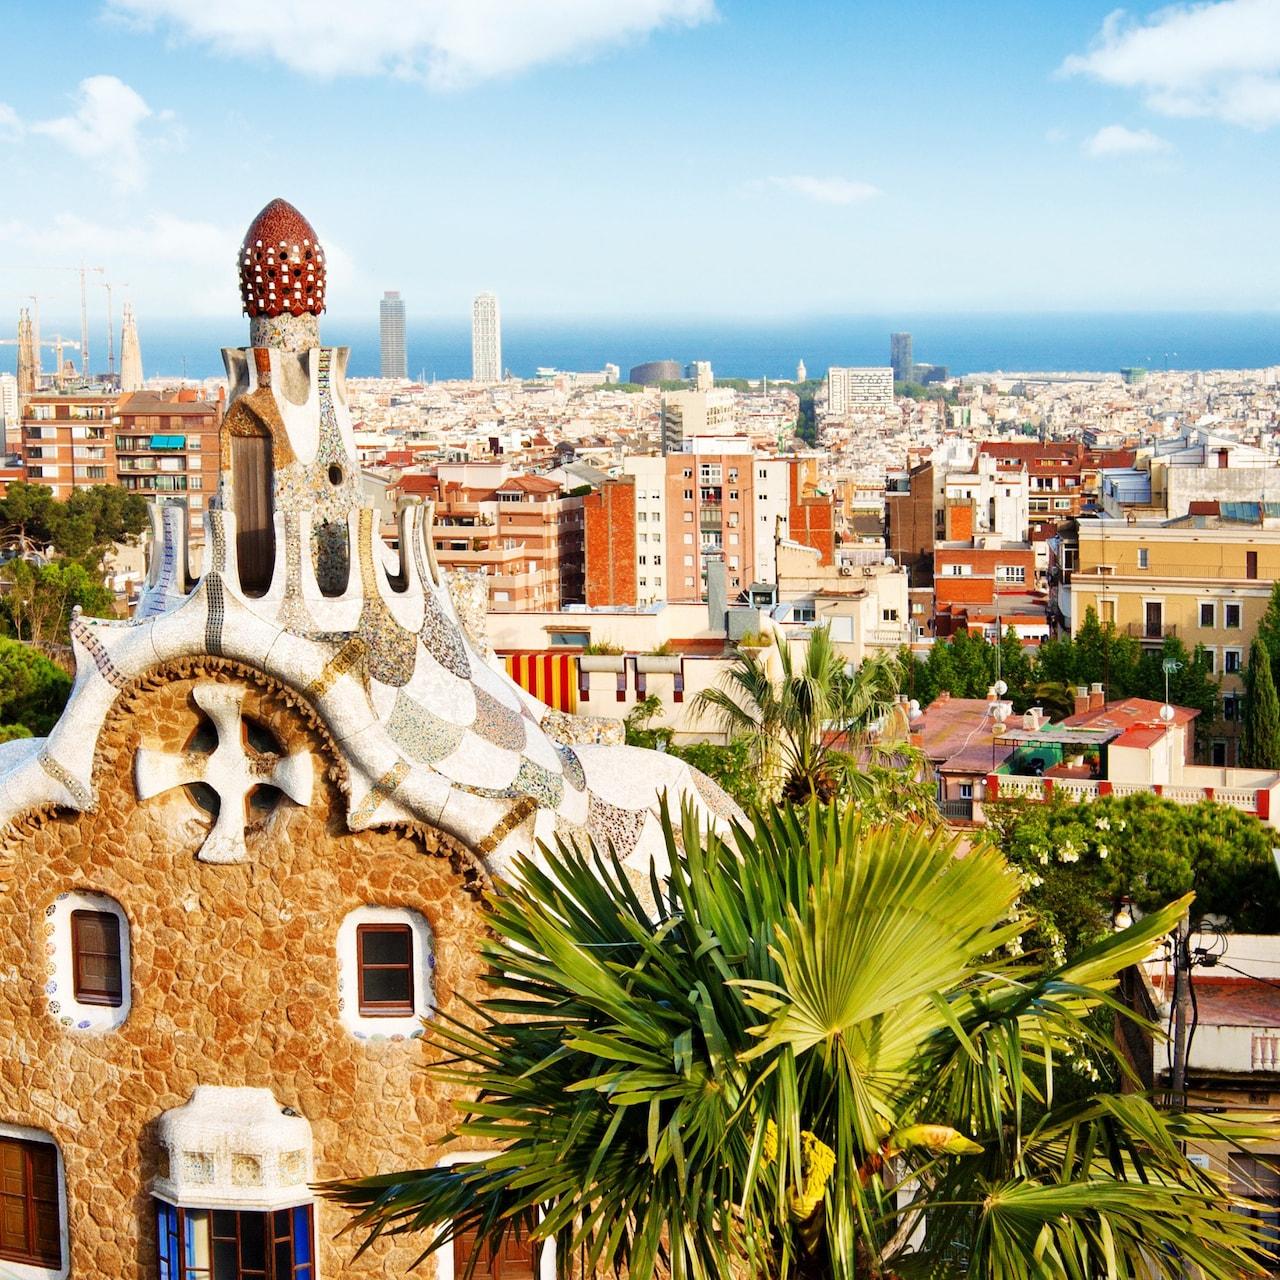 Gaudí's gingerbread-style houses in Park Güell